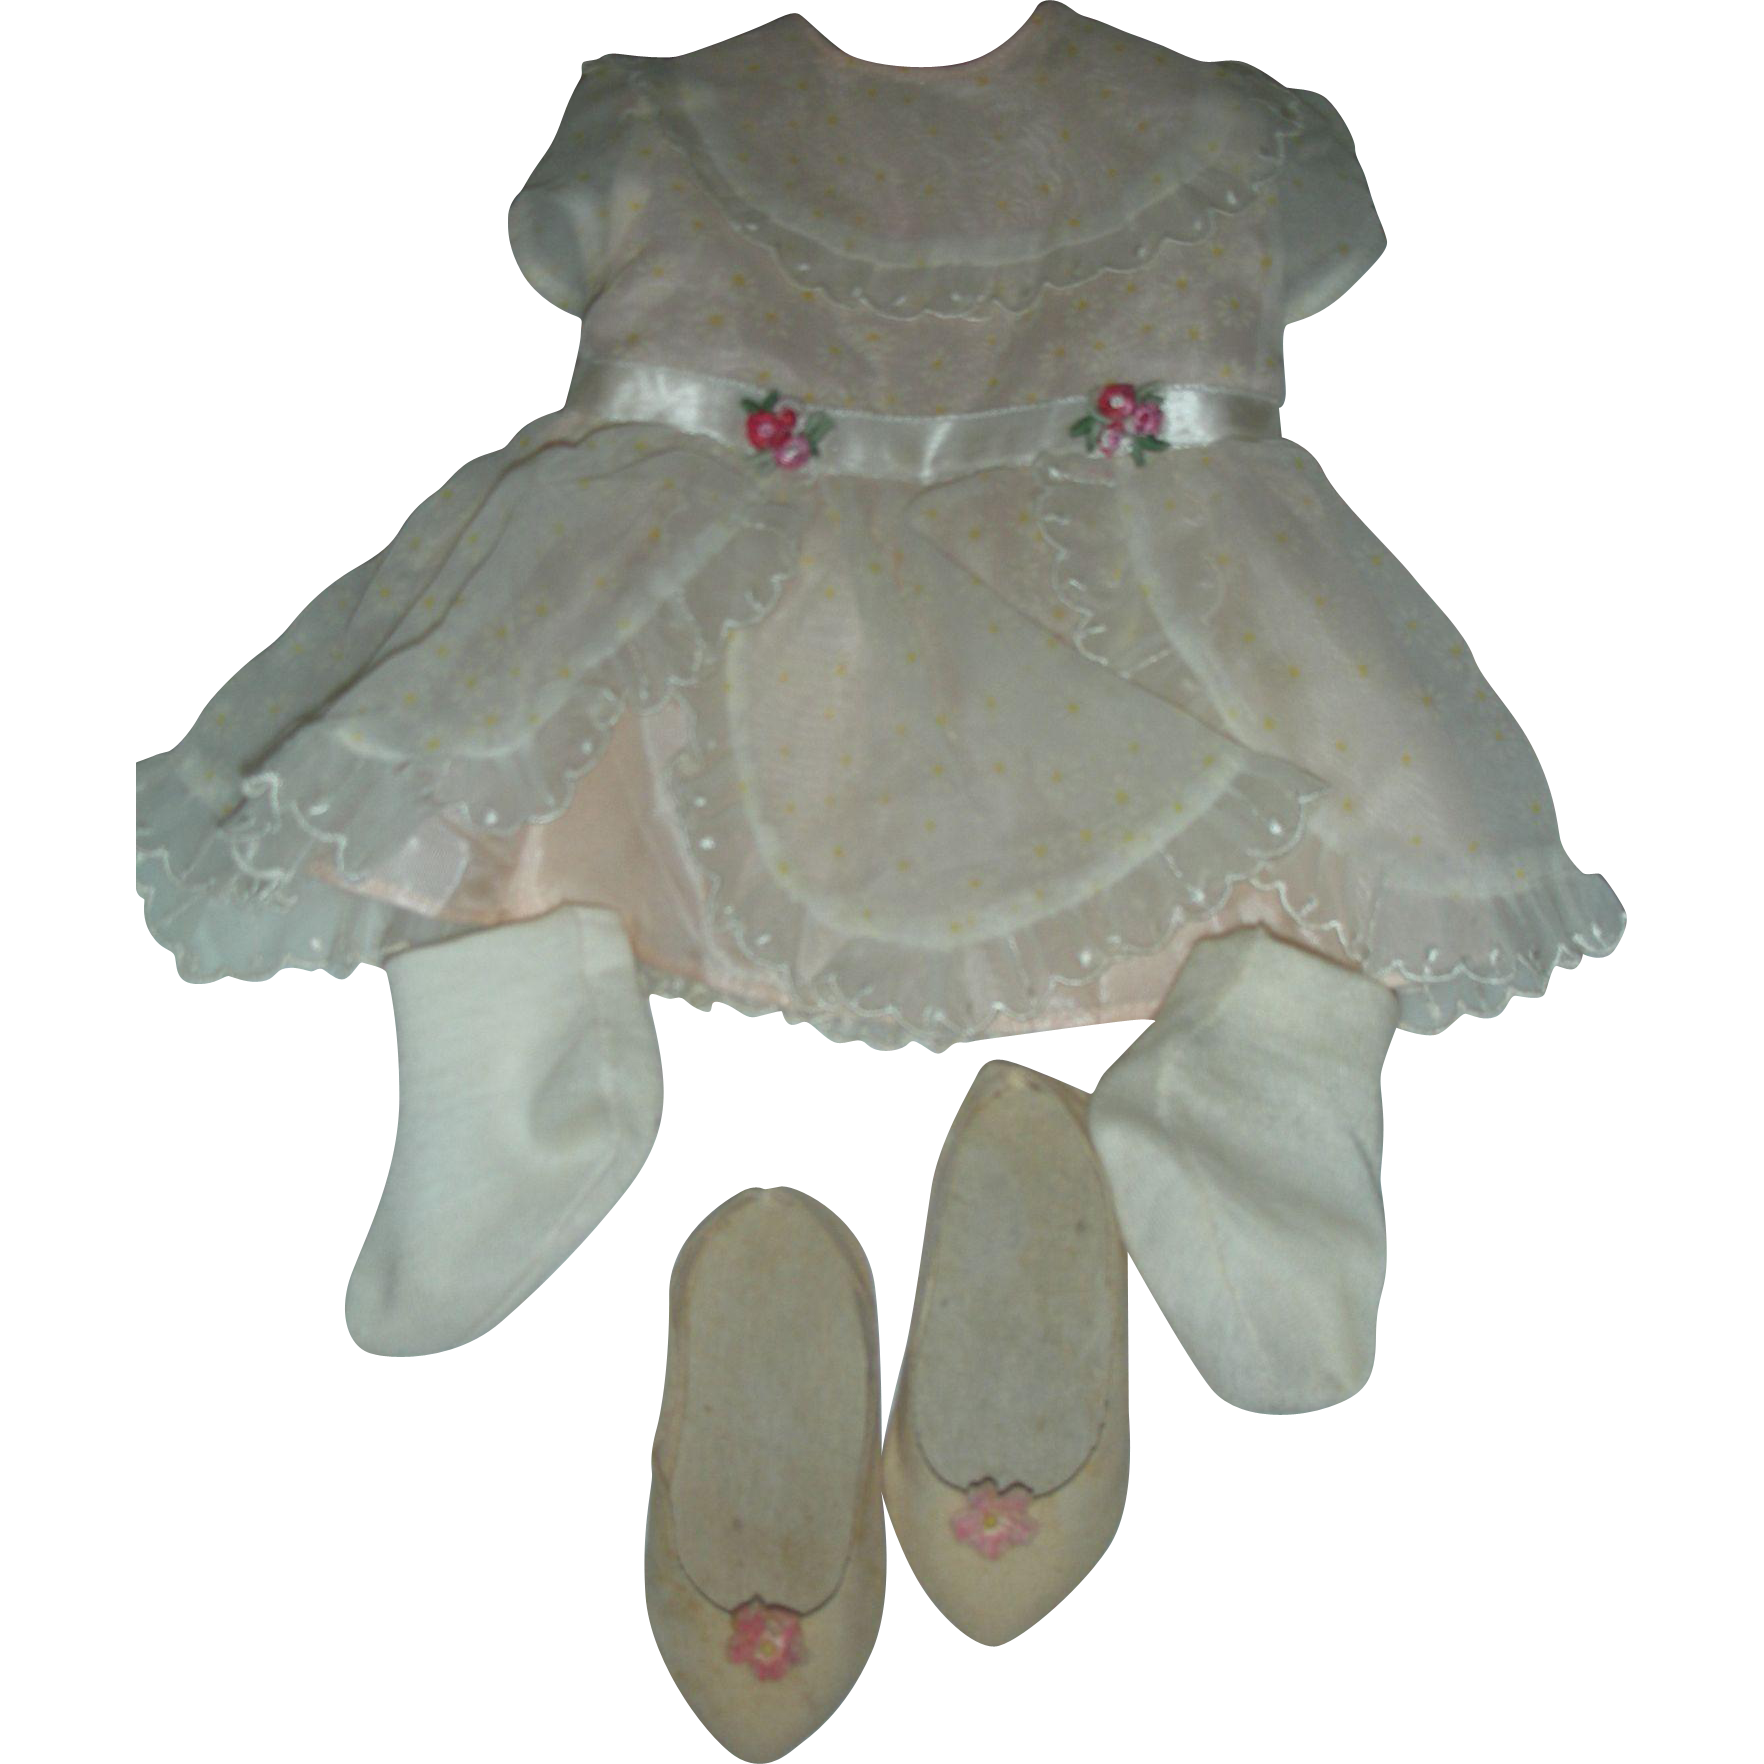 Rare Mattel Chatty Cathy Doll Sunday Visit Dress